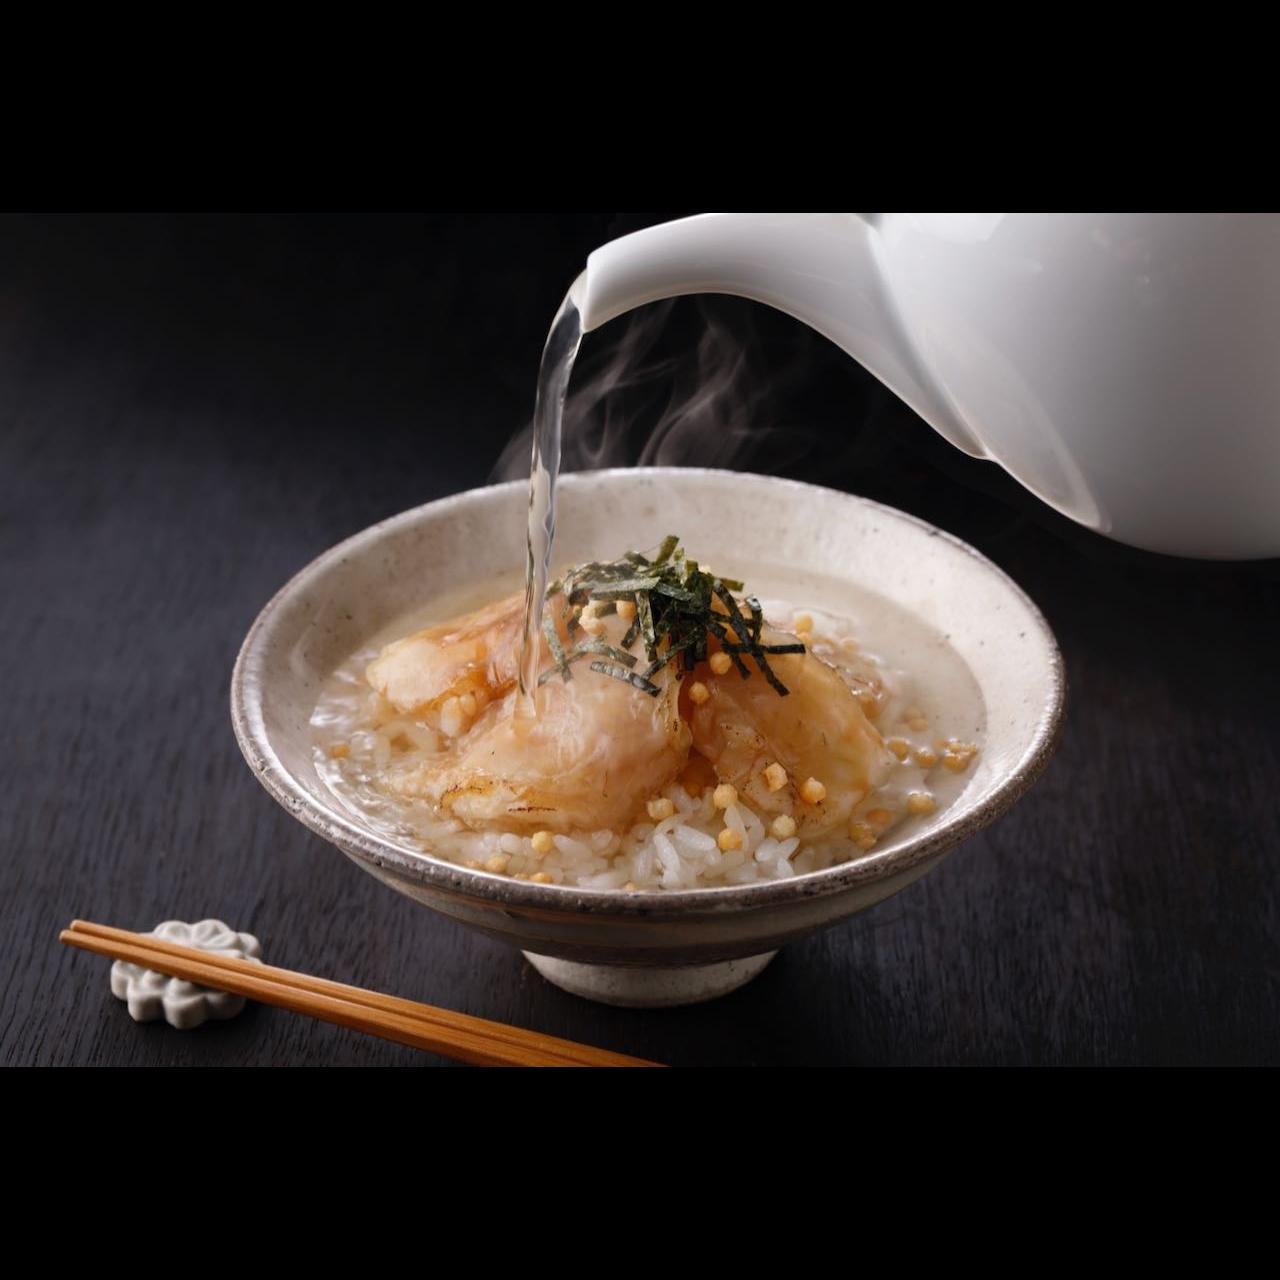 豊後水道とらふぐ茶漬けセット(2人前)